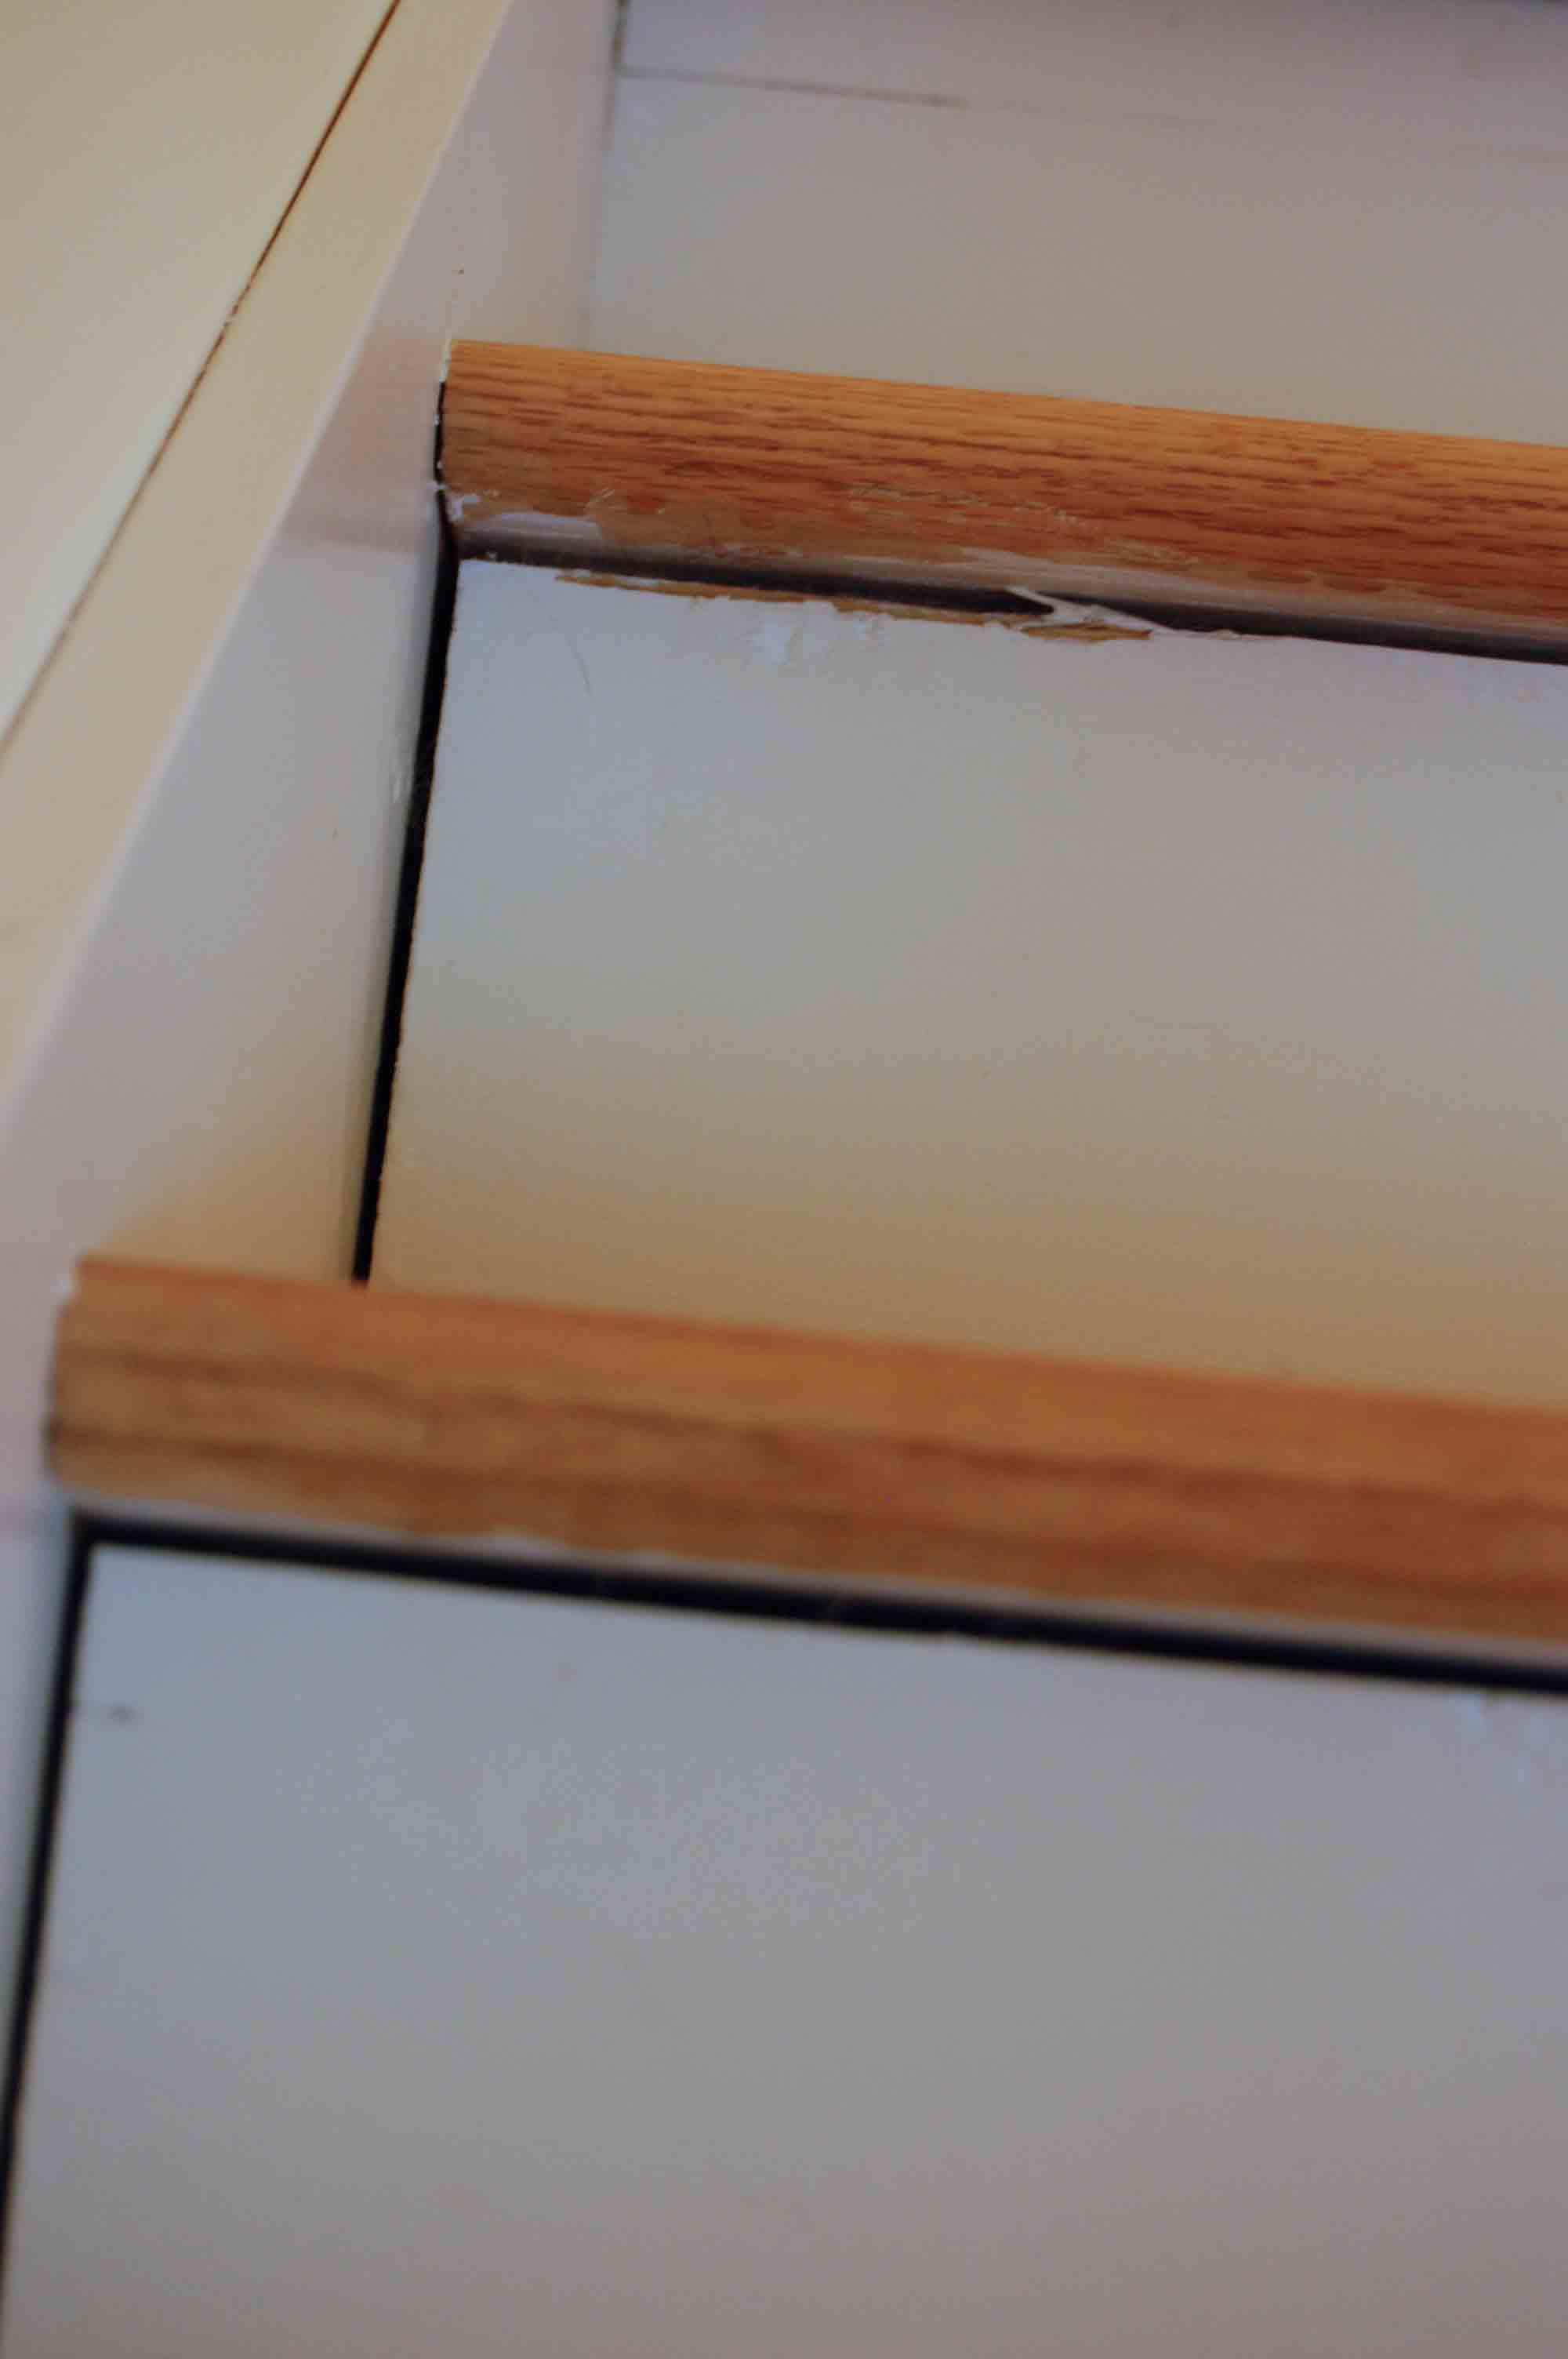 Fix gaps in stairs-stair-gap2-diy.jpg